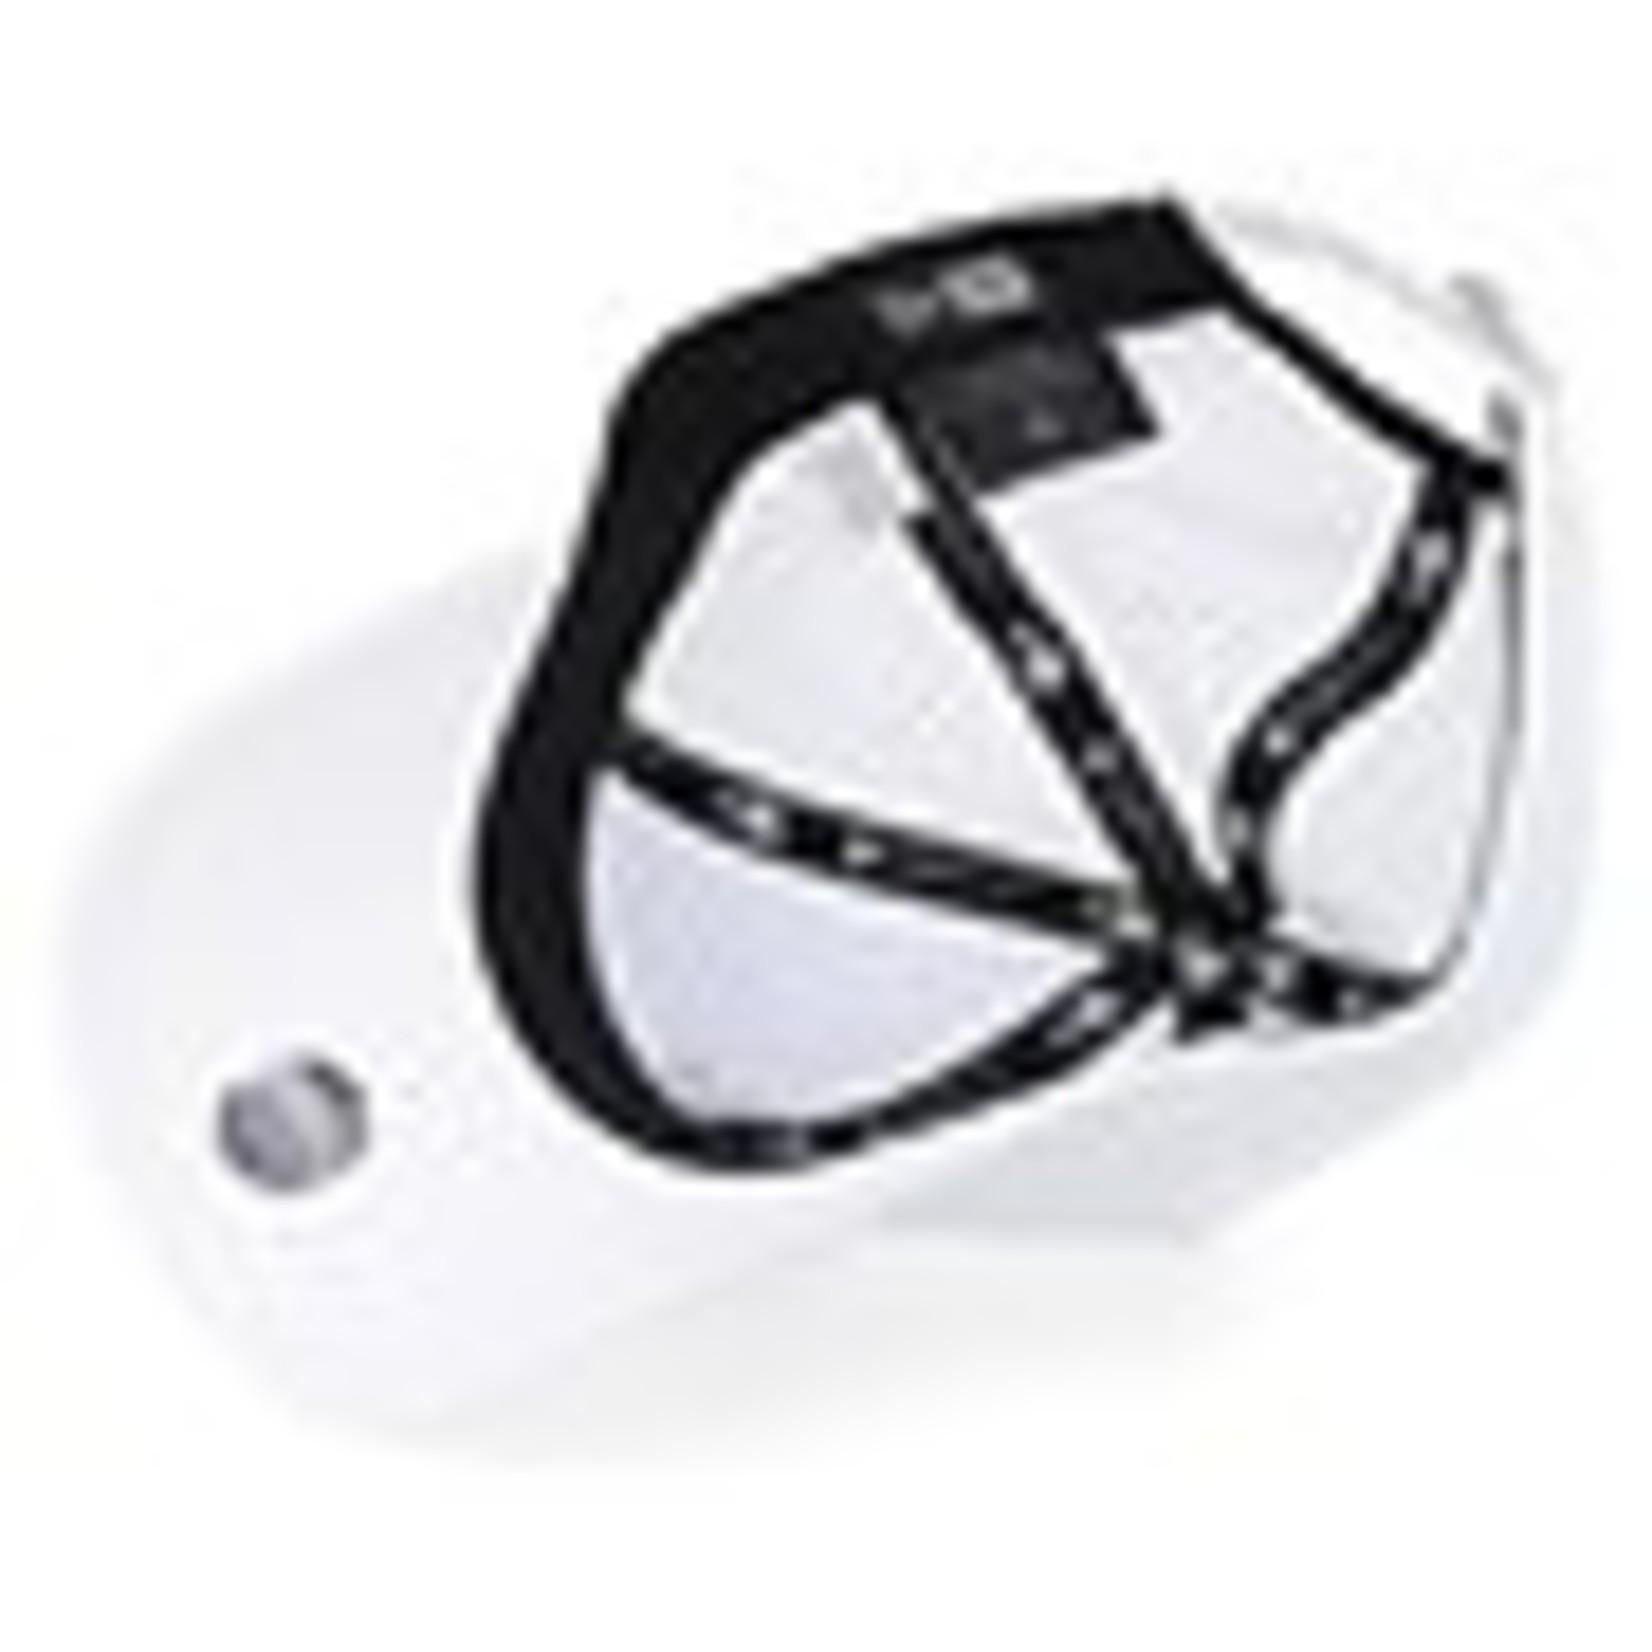 New Era NY 9Forty White/Black adjustable